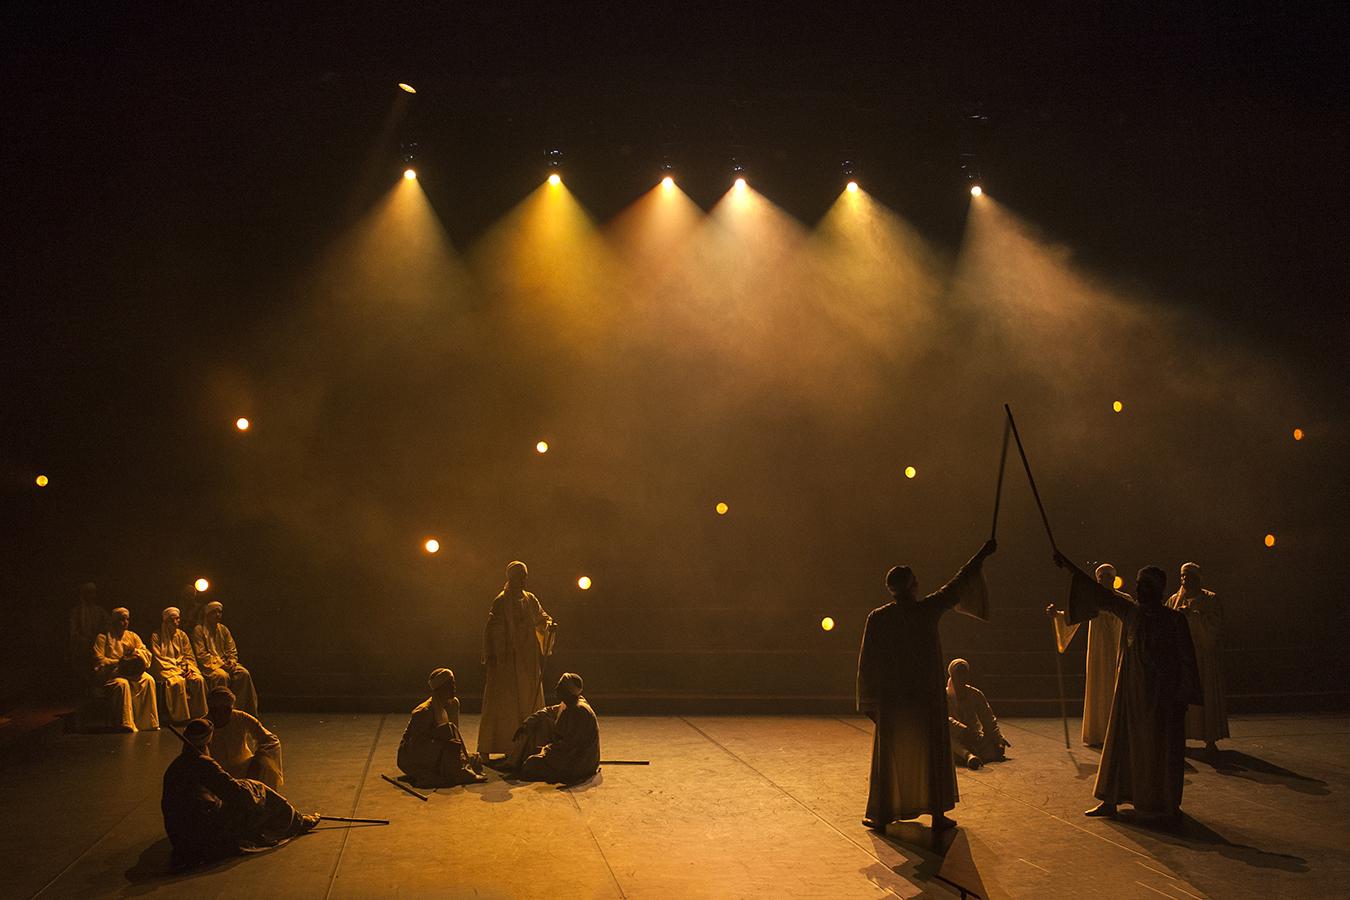 11 mars 2018 - Spectacle de Tahtib par l'école de Mallawy (Egypte) à l'auditorium du Musée Quai Branly - Jacques Chirac - Paris